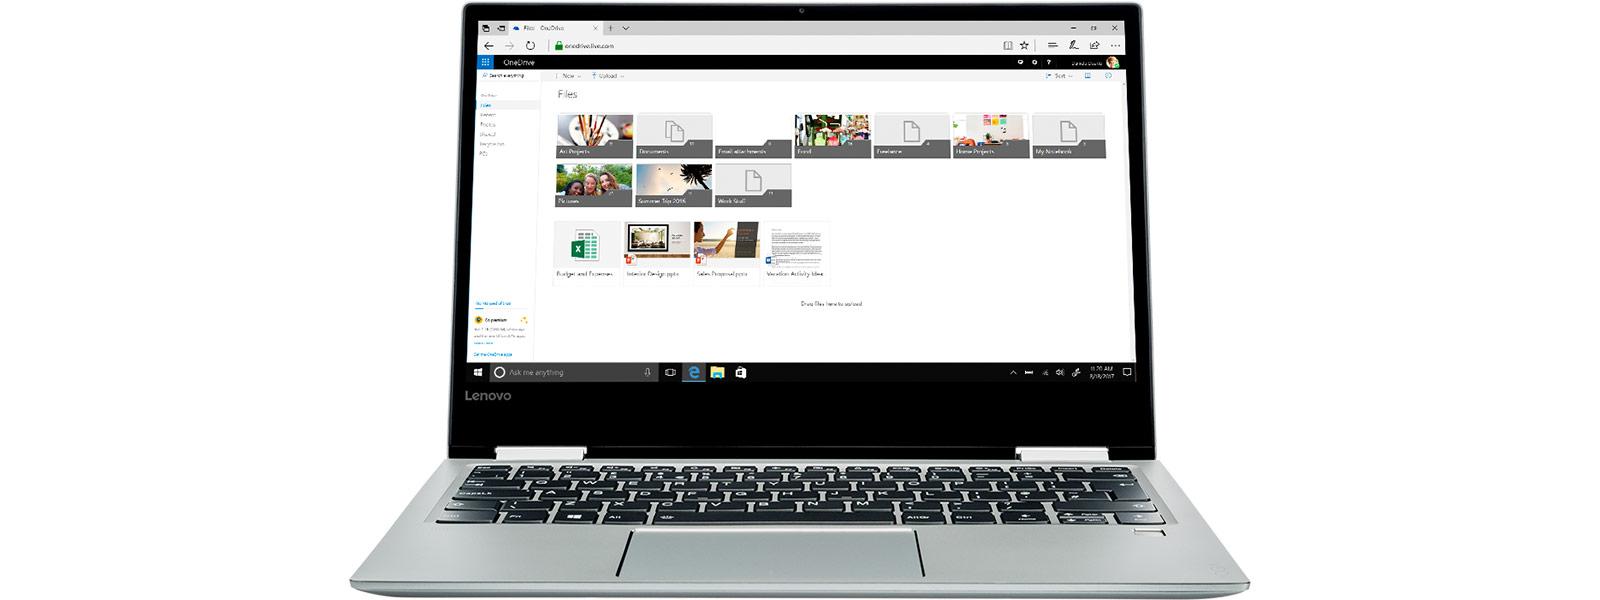 Écran OneDrive sur un appareil Windows10